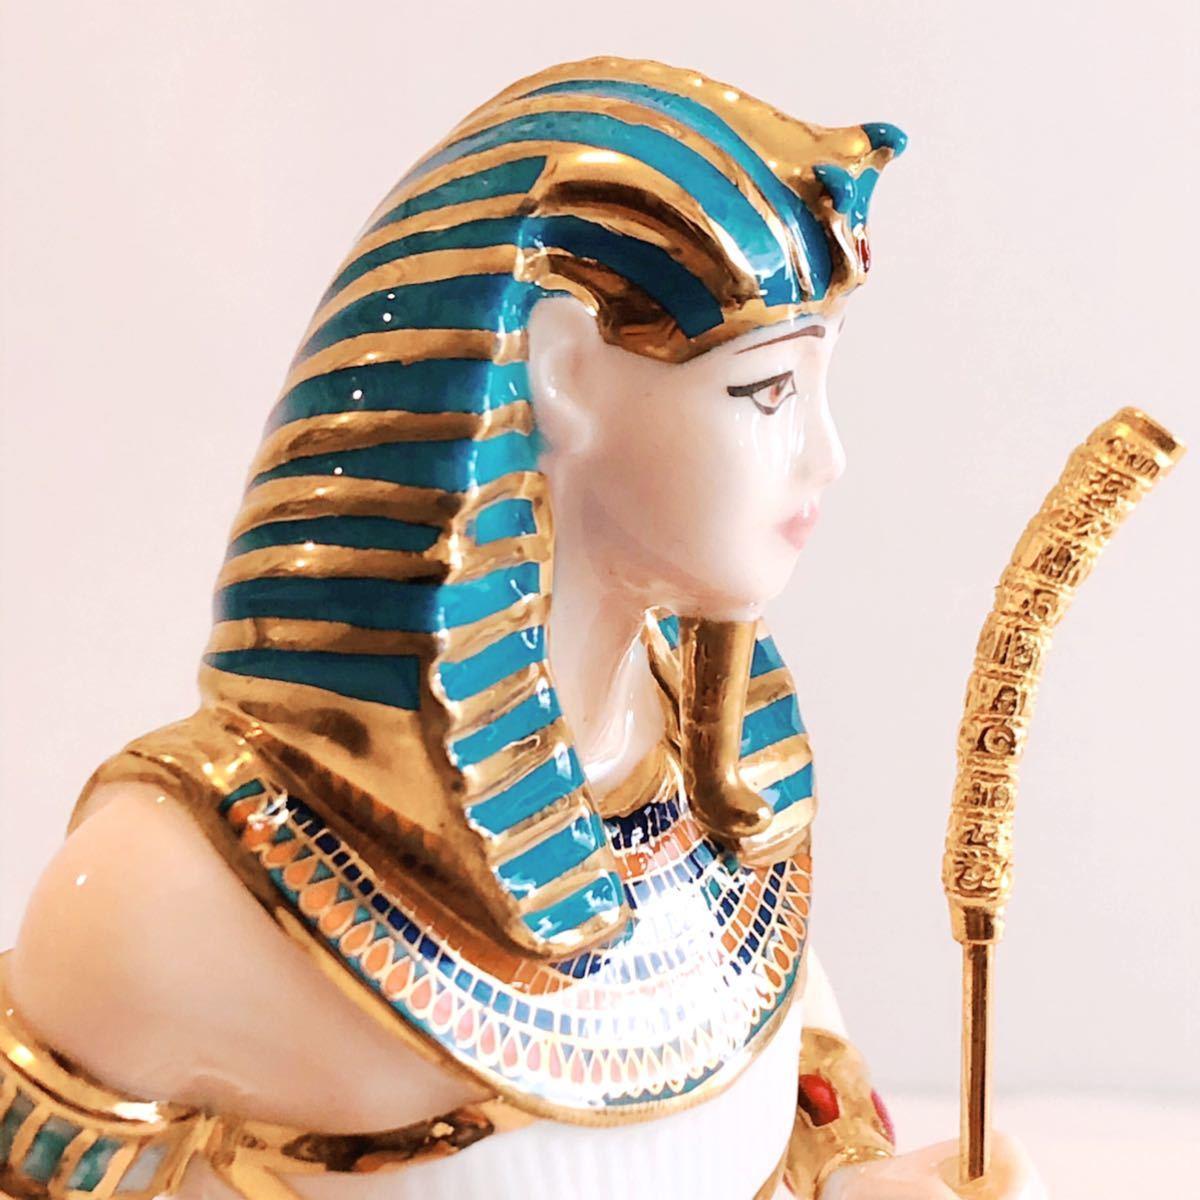 【貴重】WEDGWOOD/ツタンカーメン/The Boy King/Tutankhamun/ウェッジウッド/激レア/英国製/イギリス/置物 /限定品/陶器人形/フィギュア_画像7